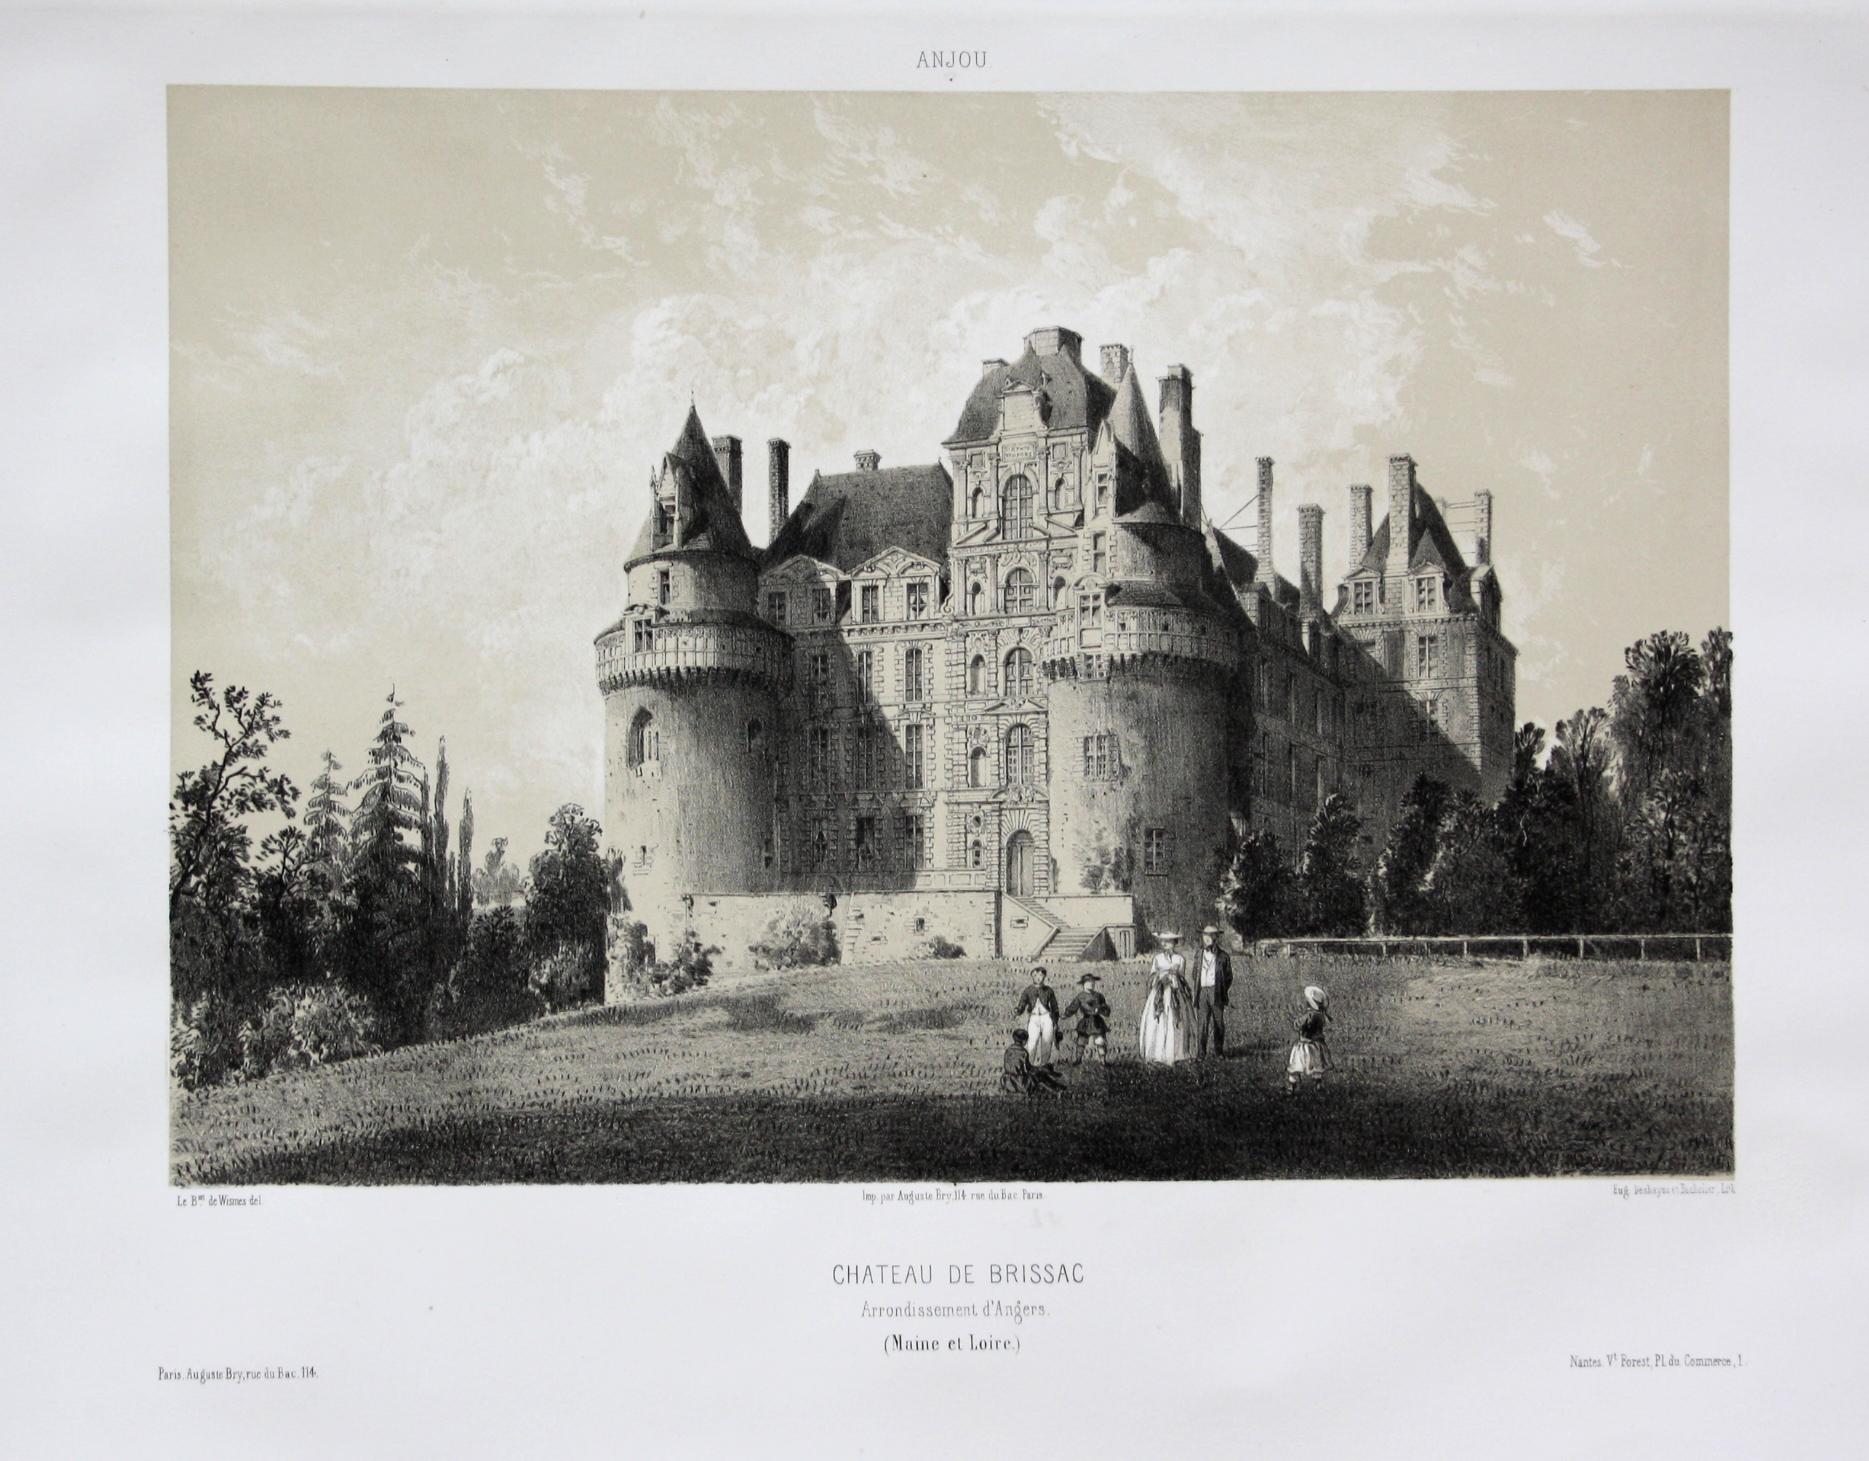 Chateau de Brissac / Arrond. d'Angers /: Wismes, Olivier de